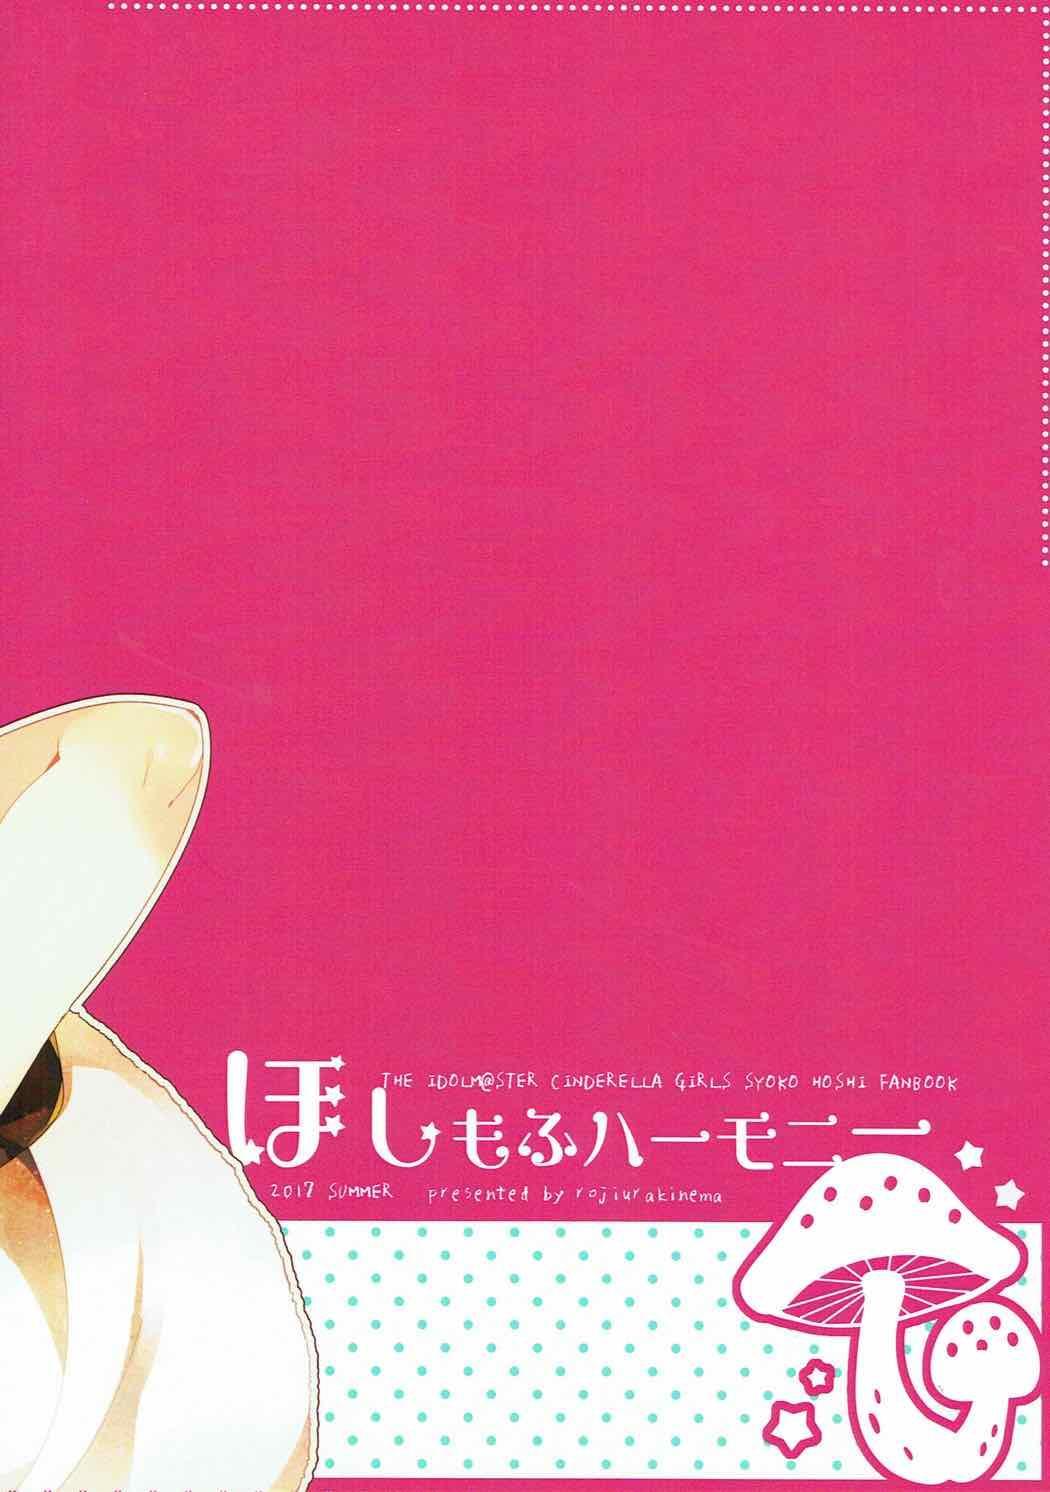 Hoshimofu Harmony 21